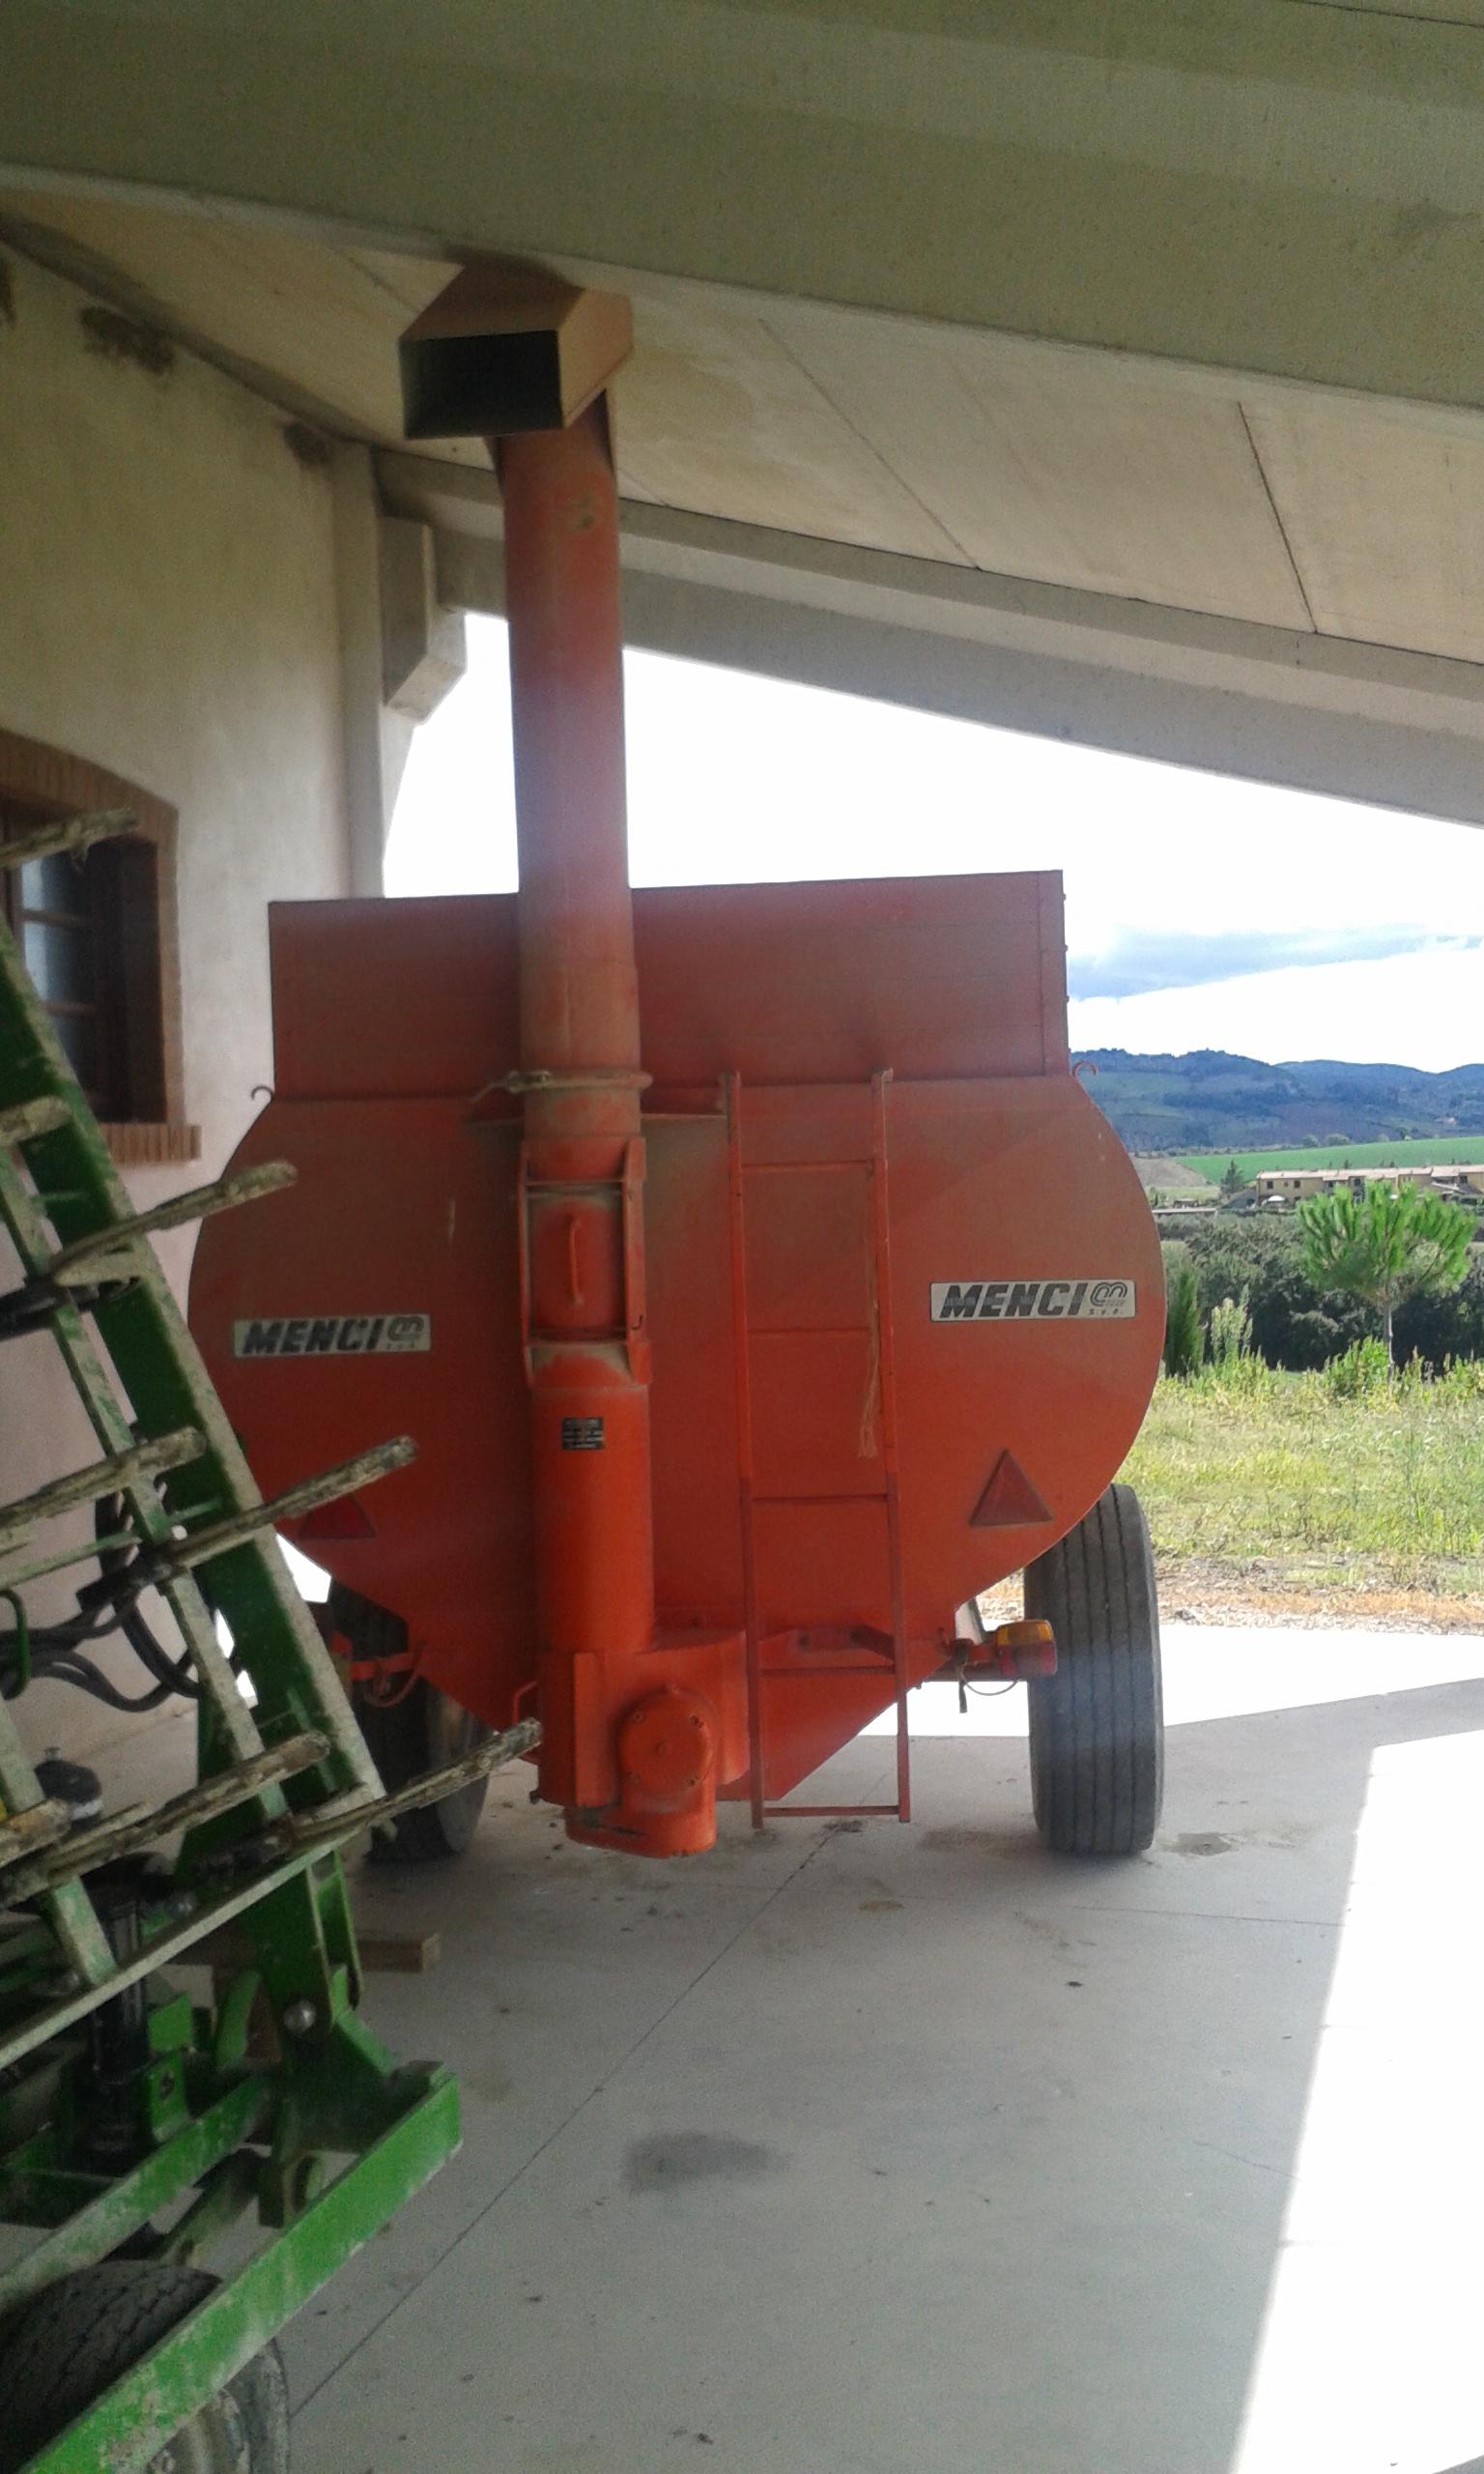 Rimorchio per cereali usato dispositivo arresto motori for Rimorchi agricoli usati piemonte